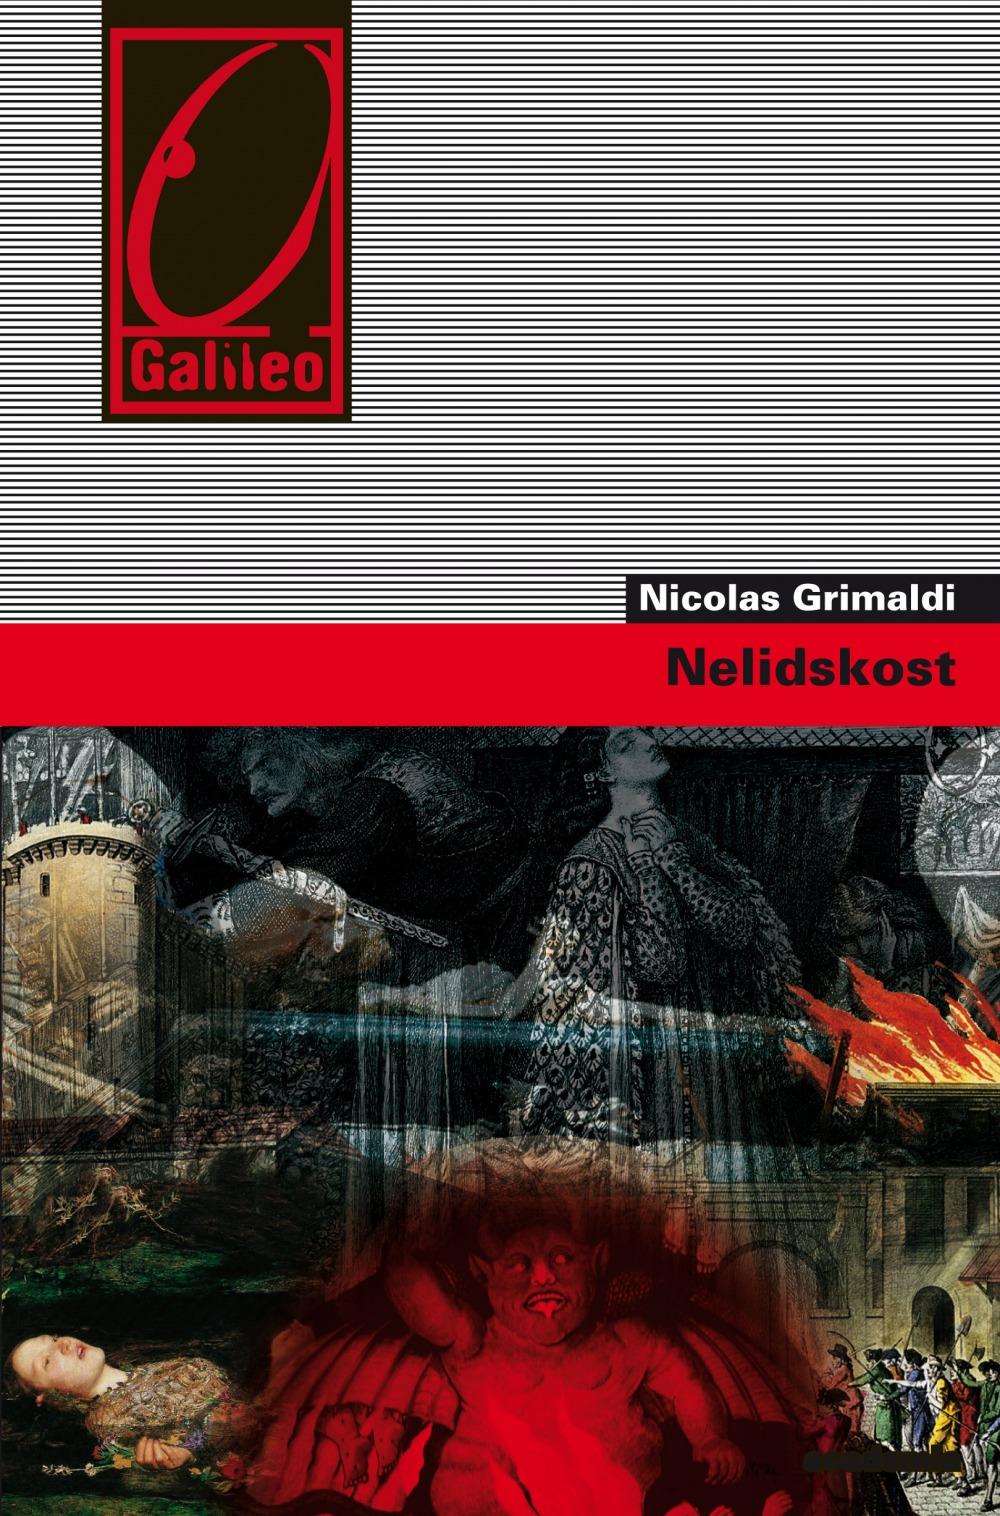 Nicolas Grimaldi - Nelidskost